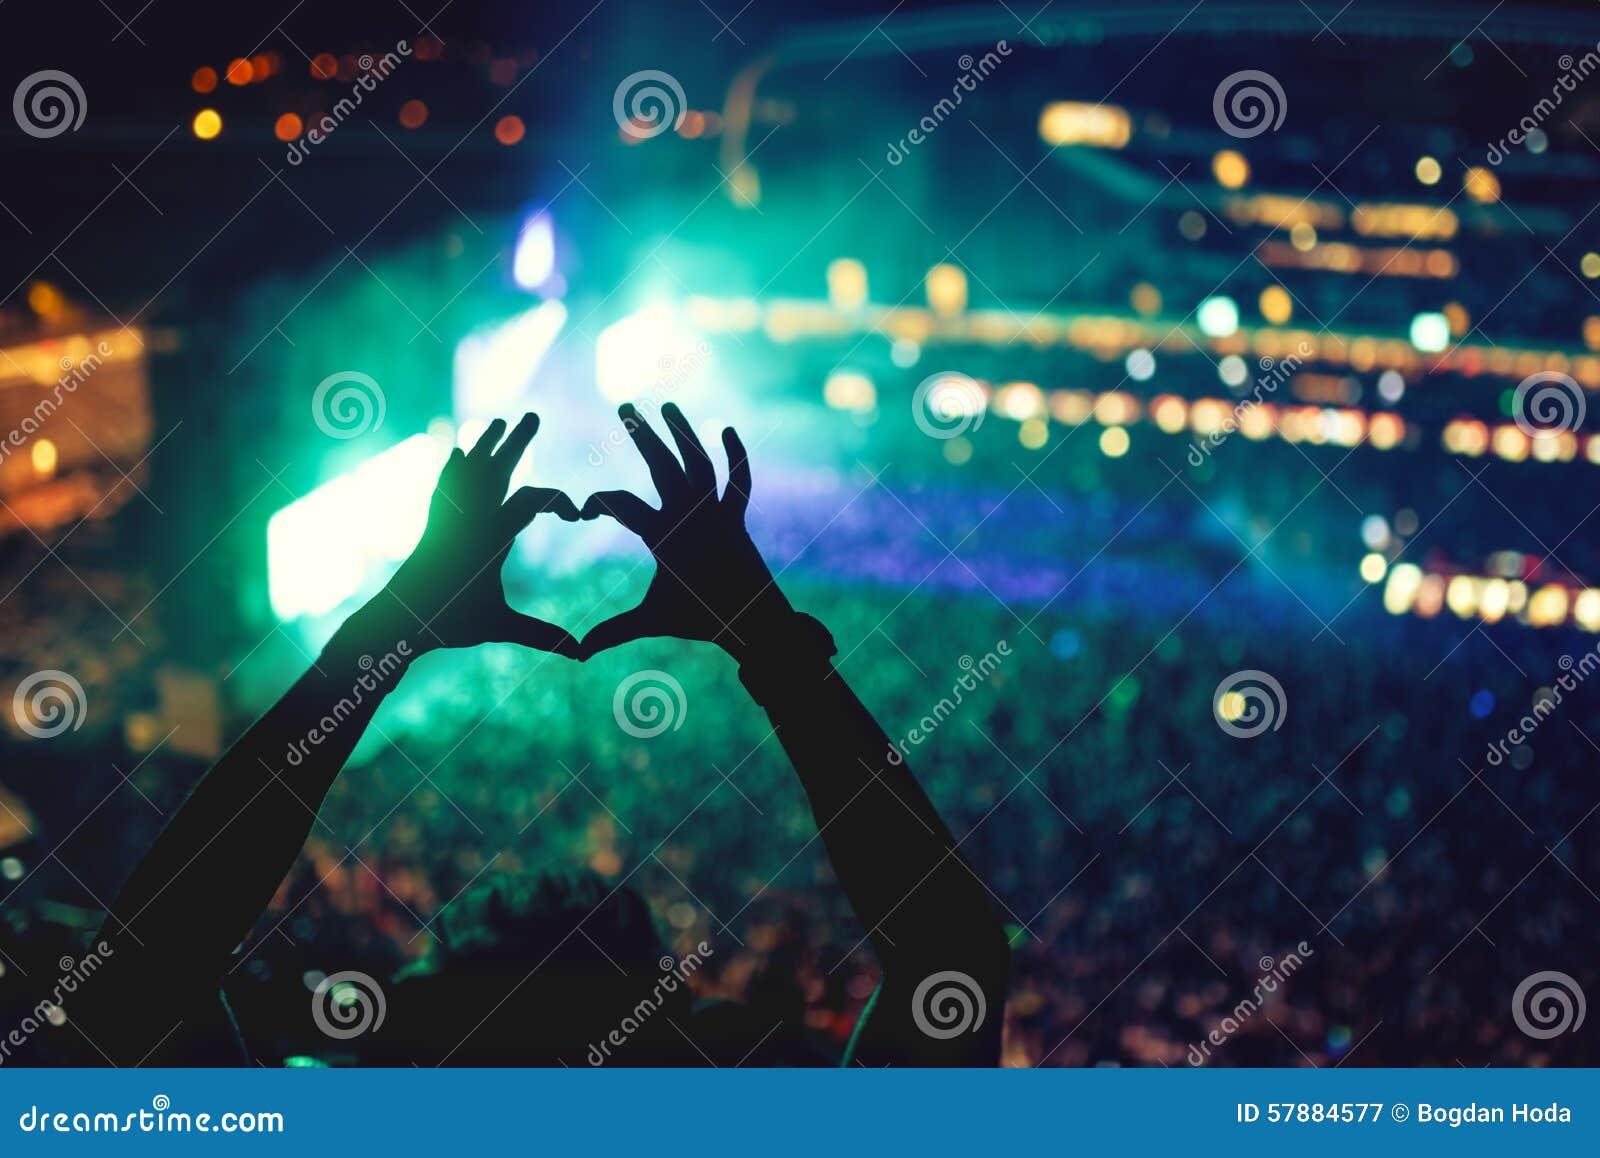 Manos en forma de corazón en el concierto, amando el artista y el festival Concierto de la música con las luces y la silueta de u